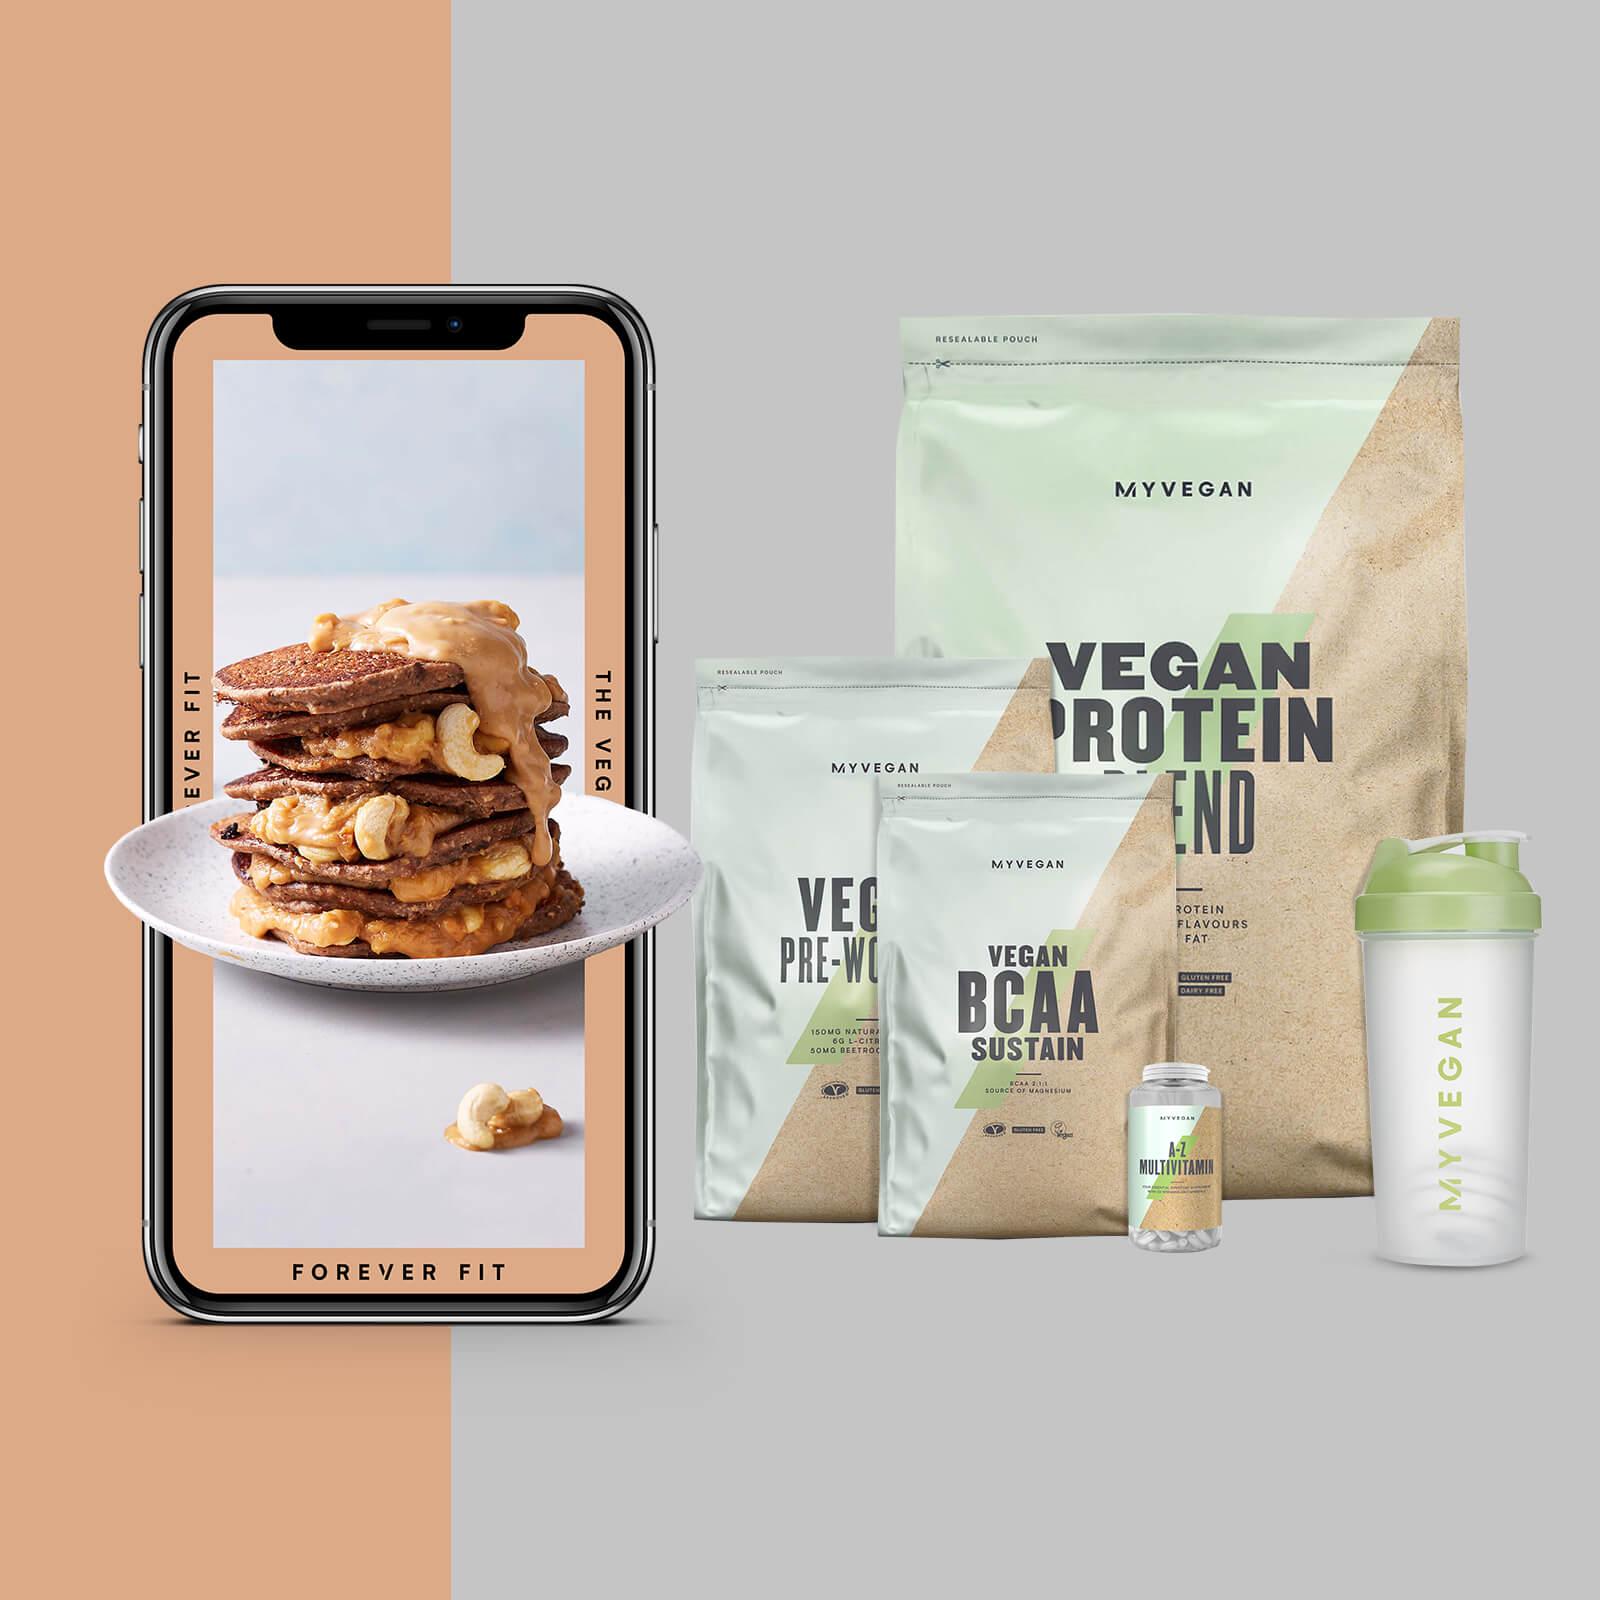 Le Pack Vegan + Guide Entraînement et Nutrition Offert - Lemon and Lime - Sour Apple - Turmeric Latte